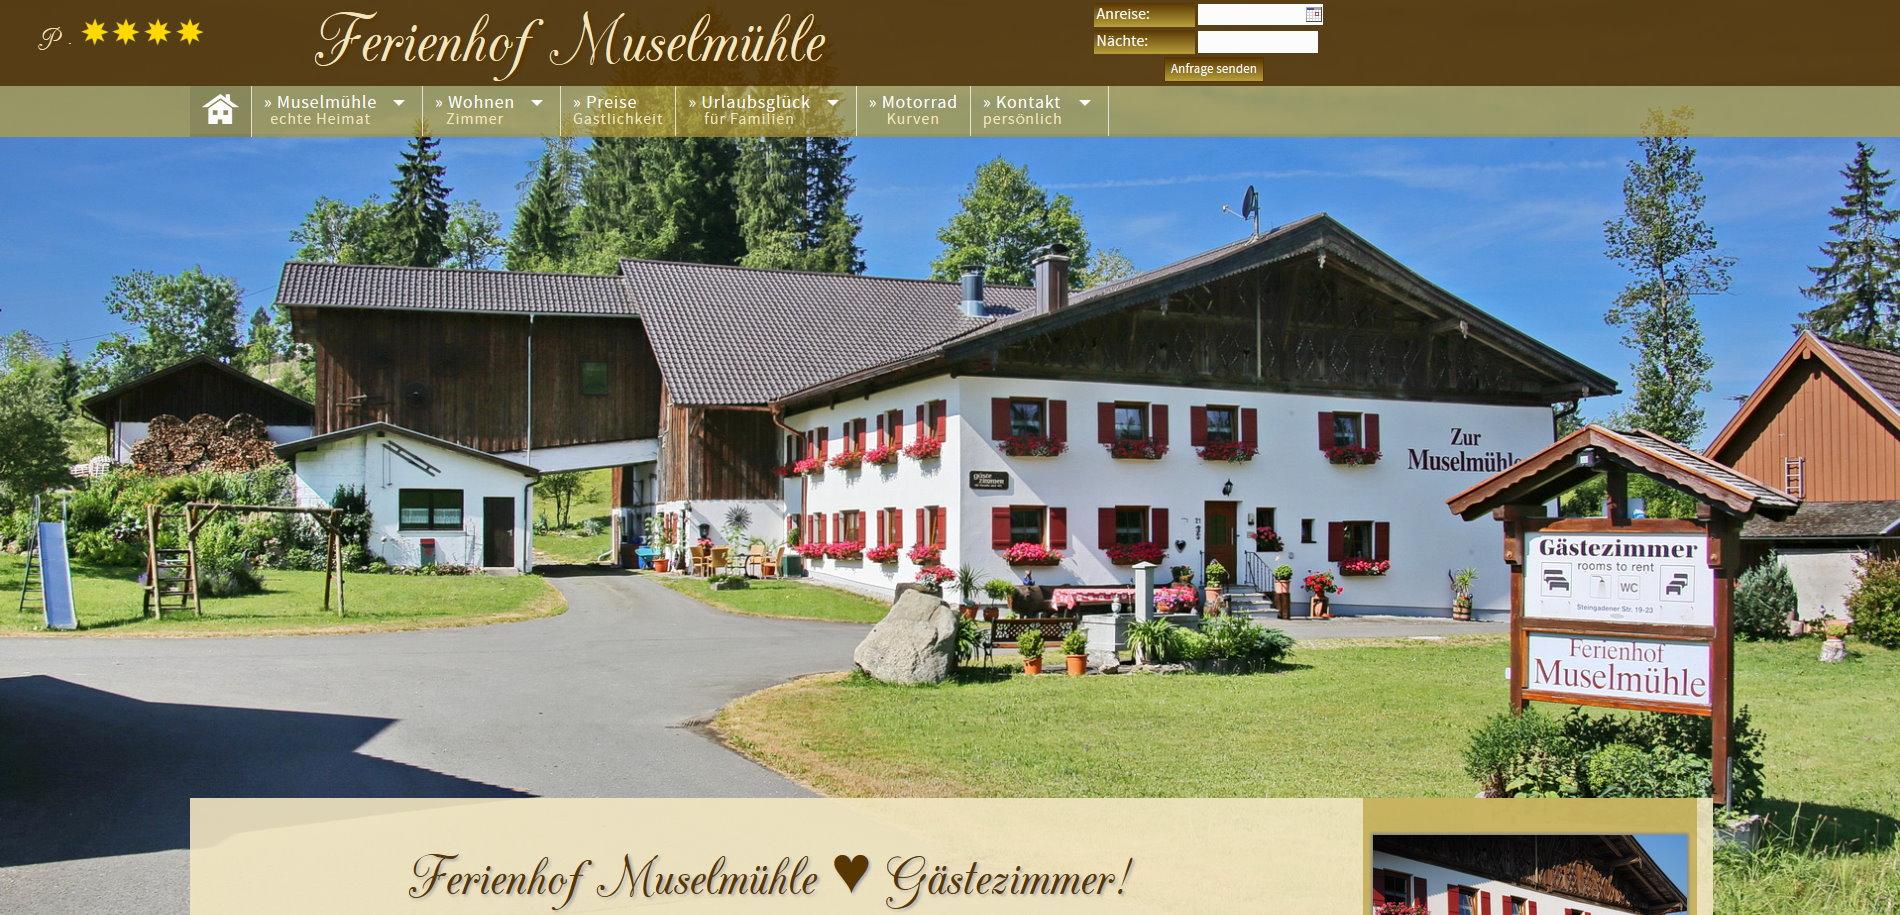 Ferienhof Muselmühle, Wildsteig